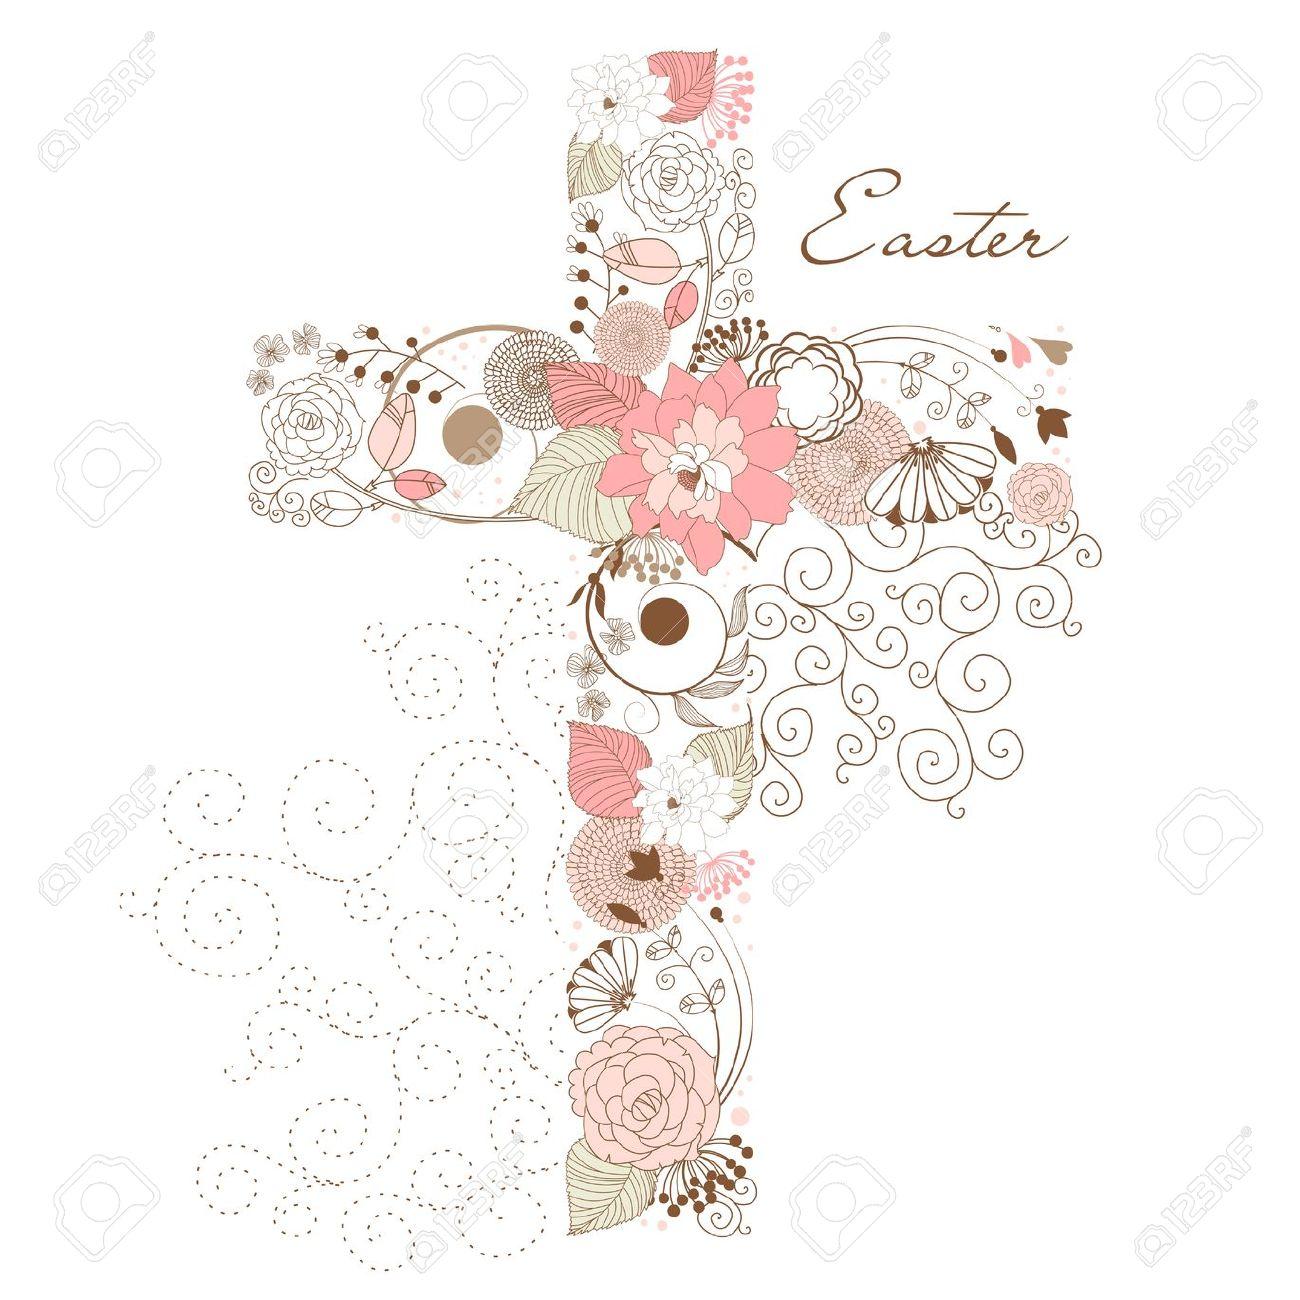 Clipart Croix De Jesus.